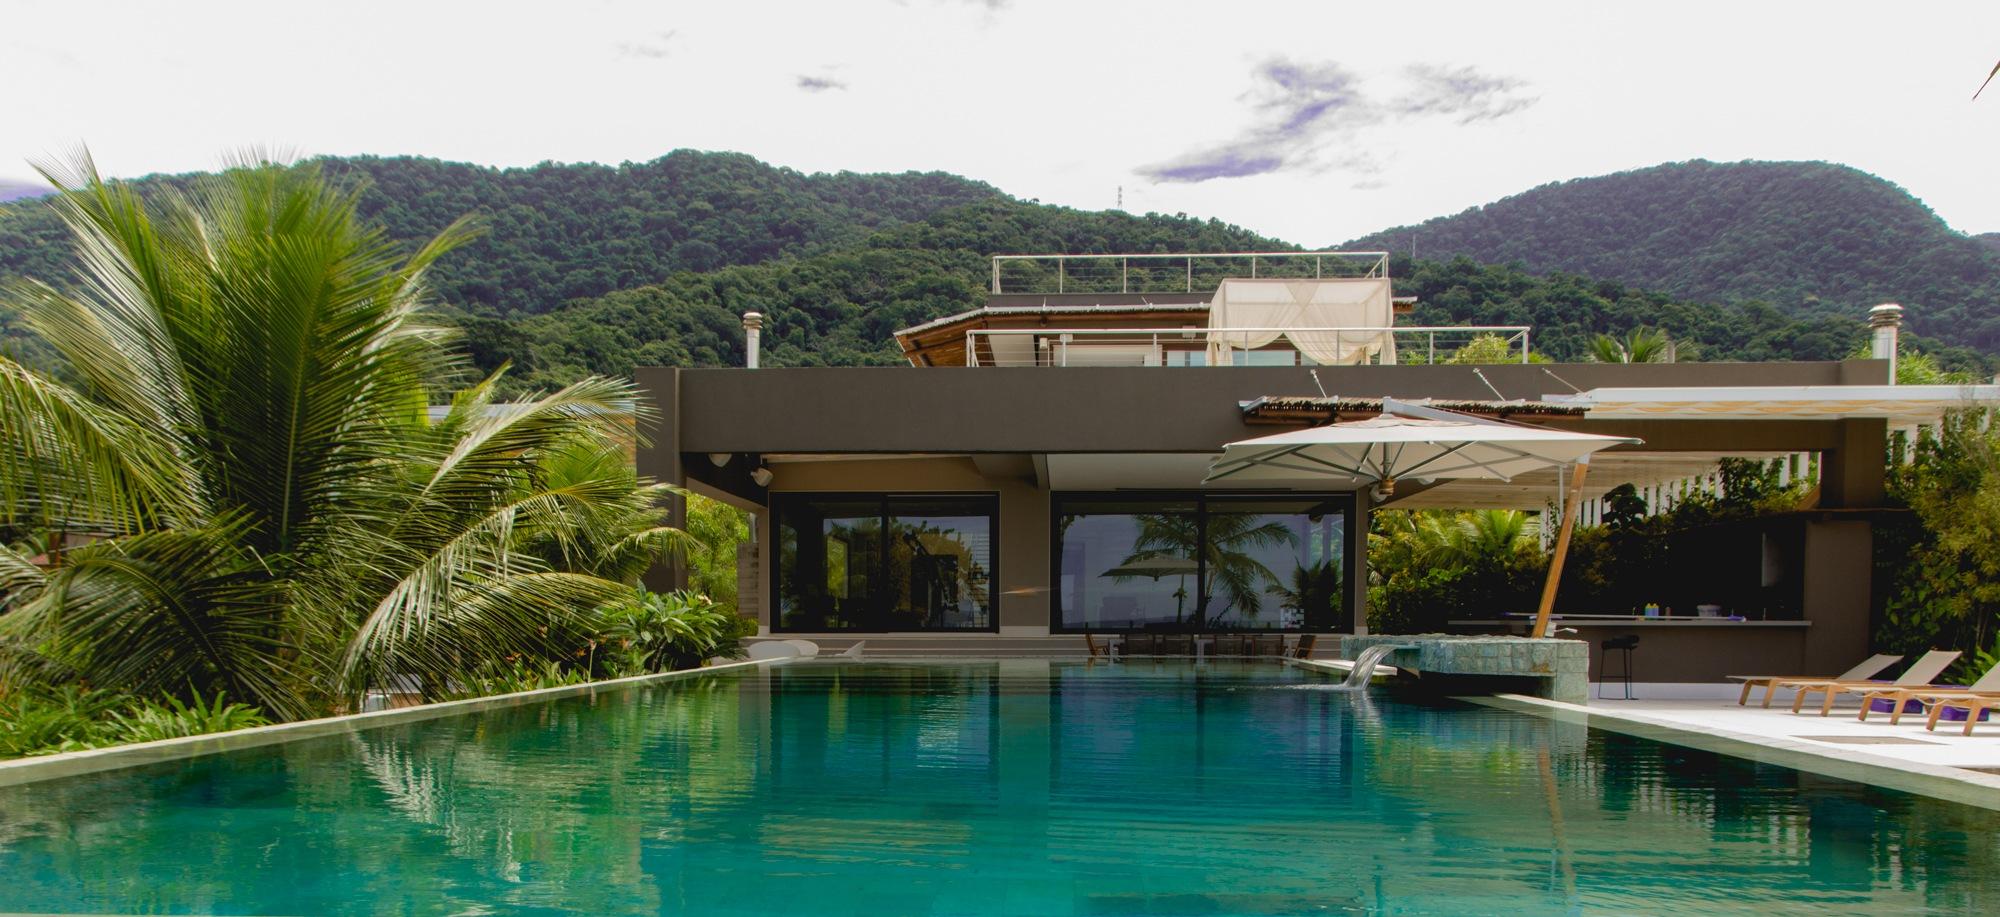 E uma bela piscina by Mauro Contilo